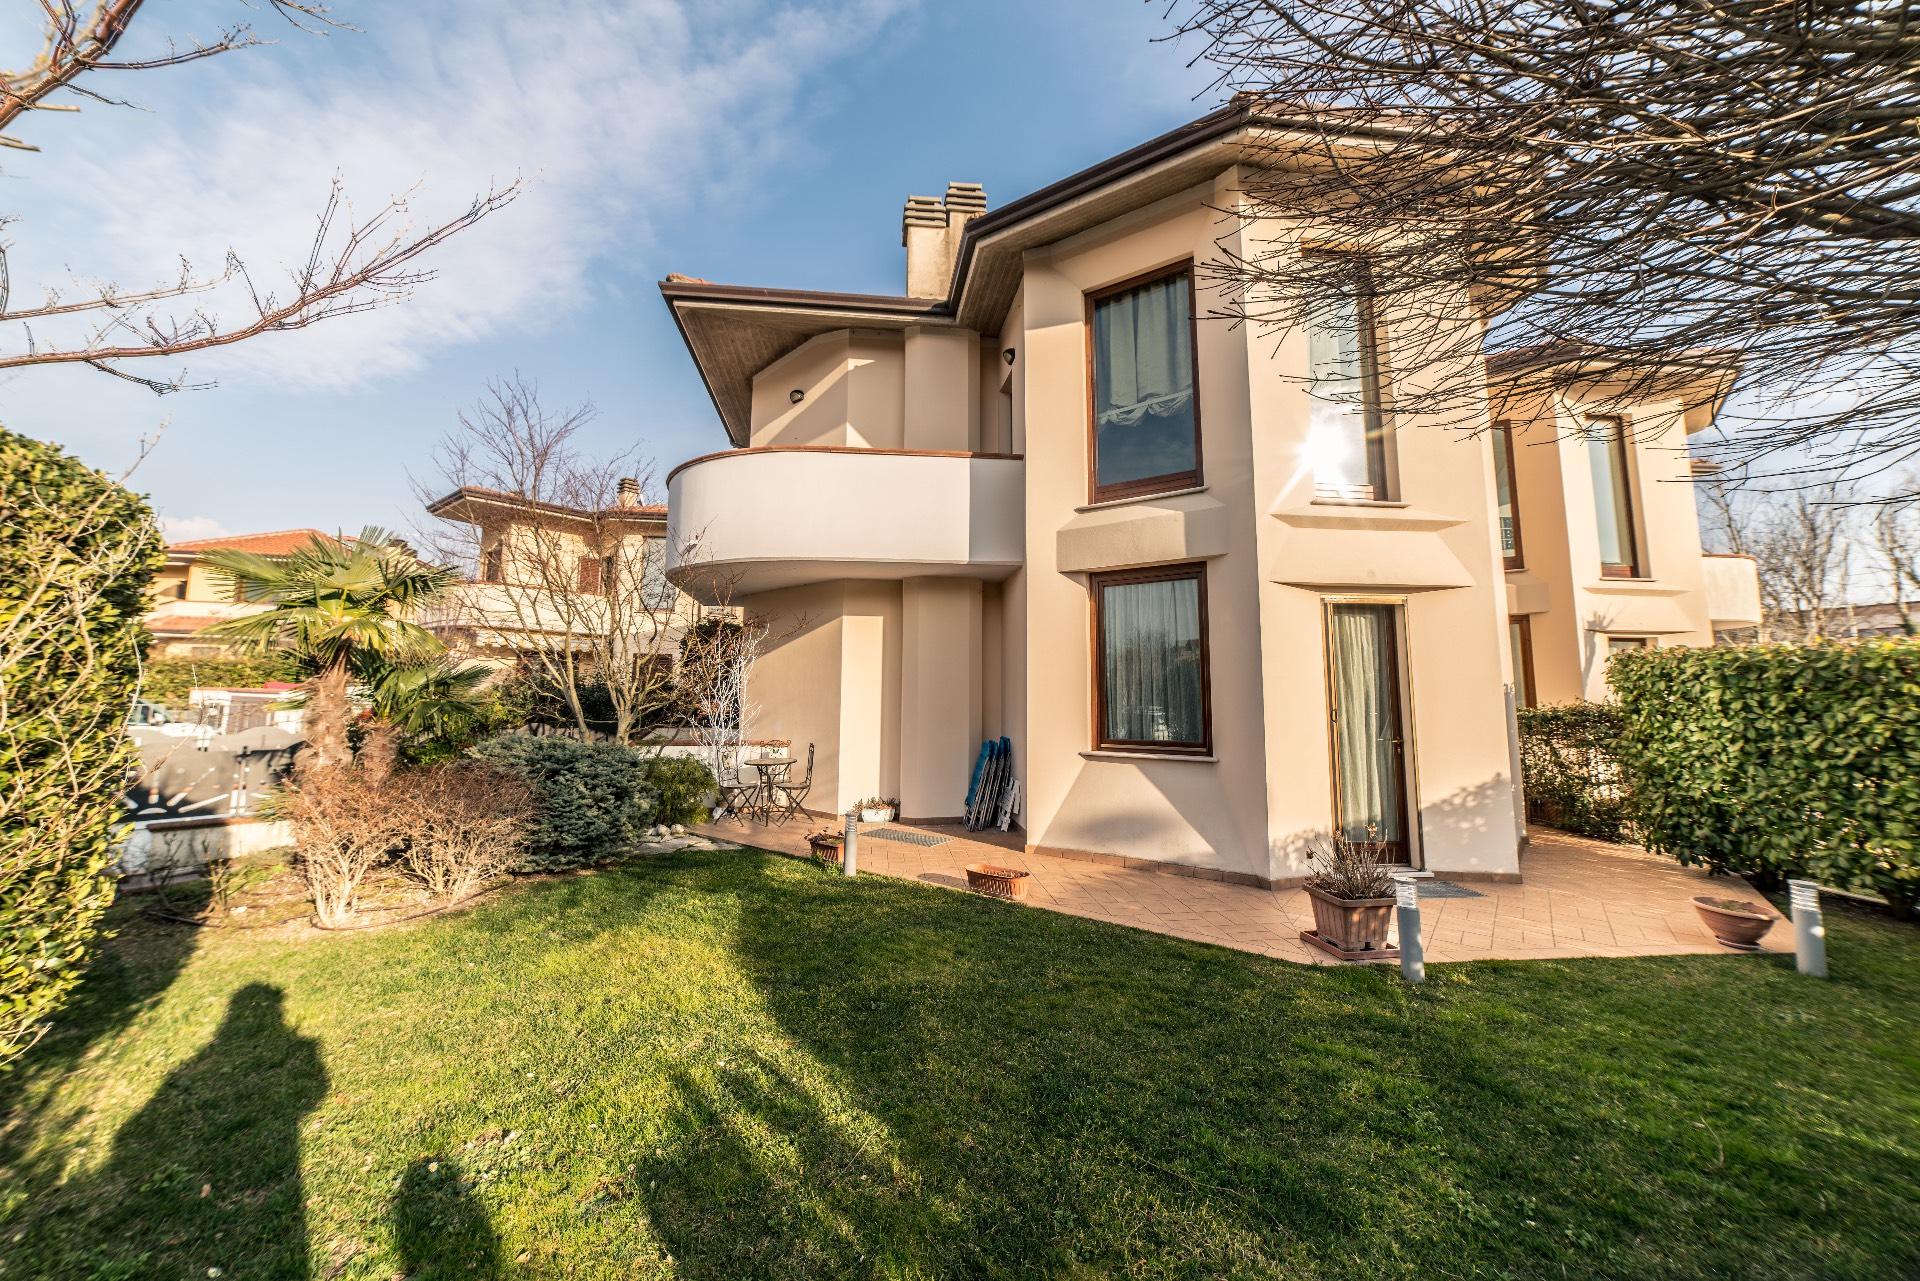 Villa a Schiera in vendita a Fabriano, 9 locali, zona Località: SEMIPERIFERIA, Trattative riservate | CambioCasa.it